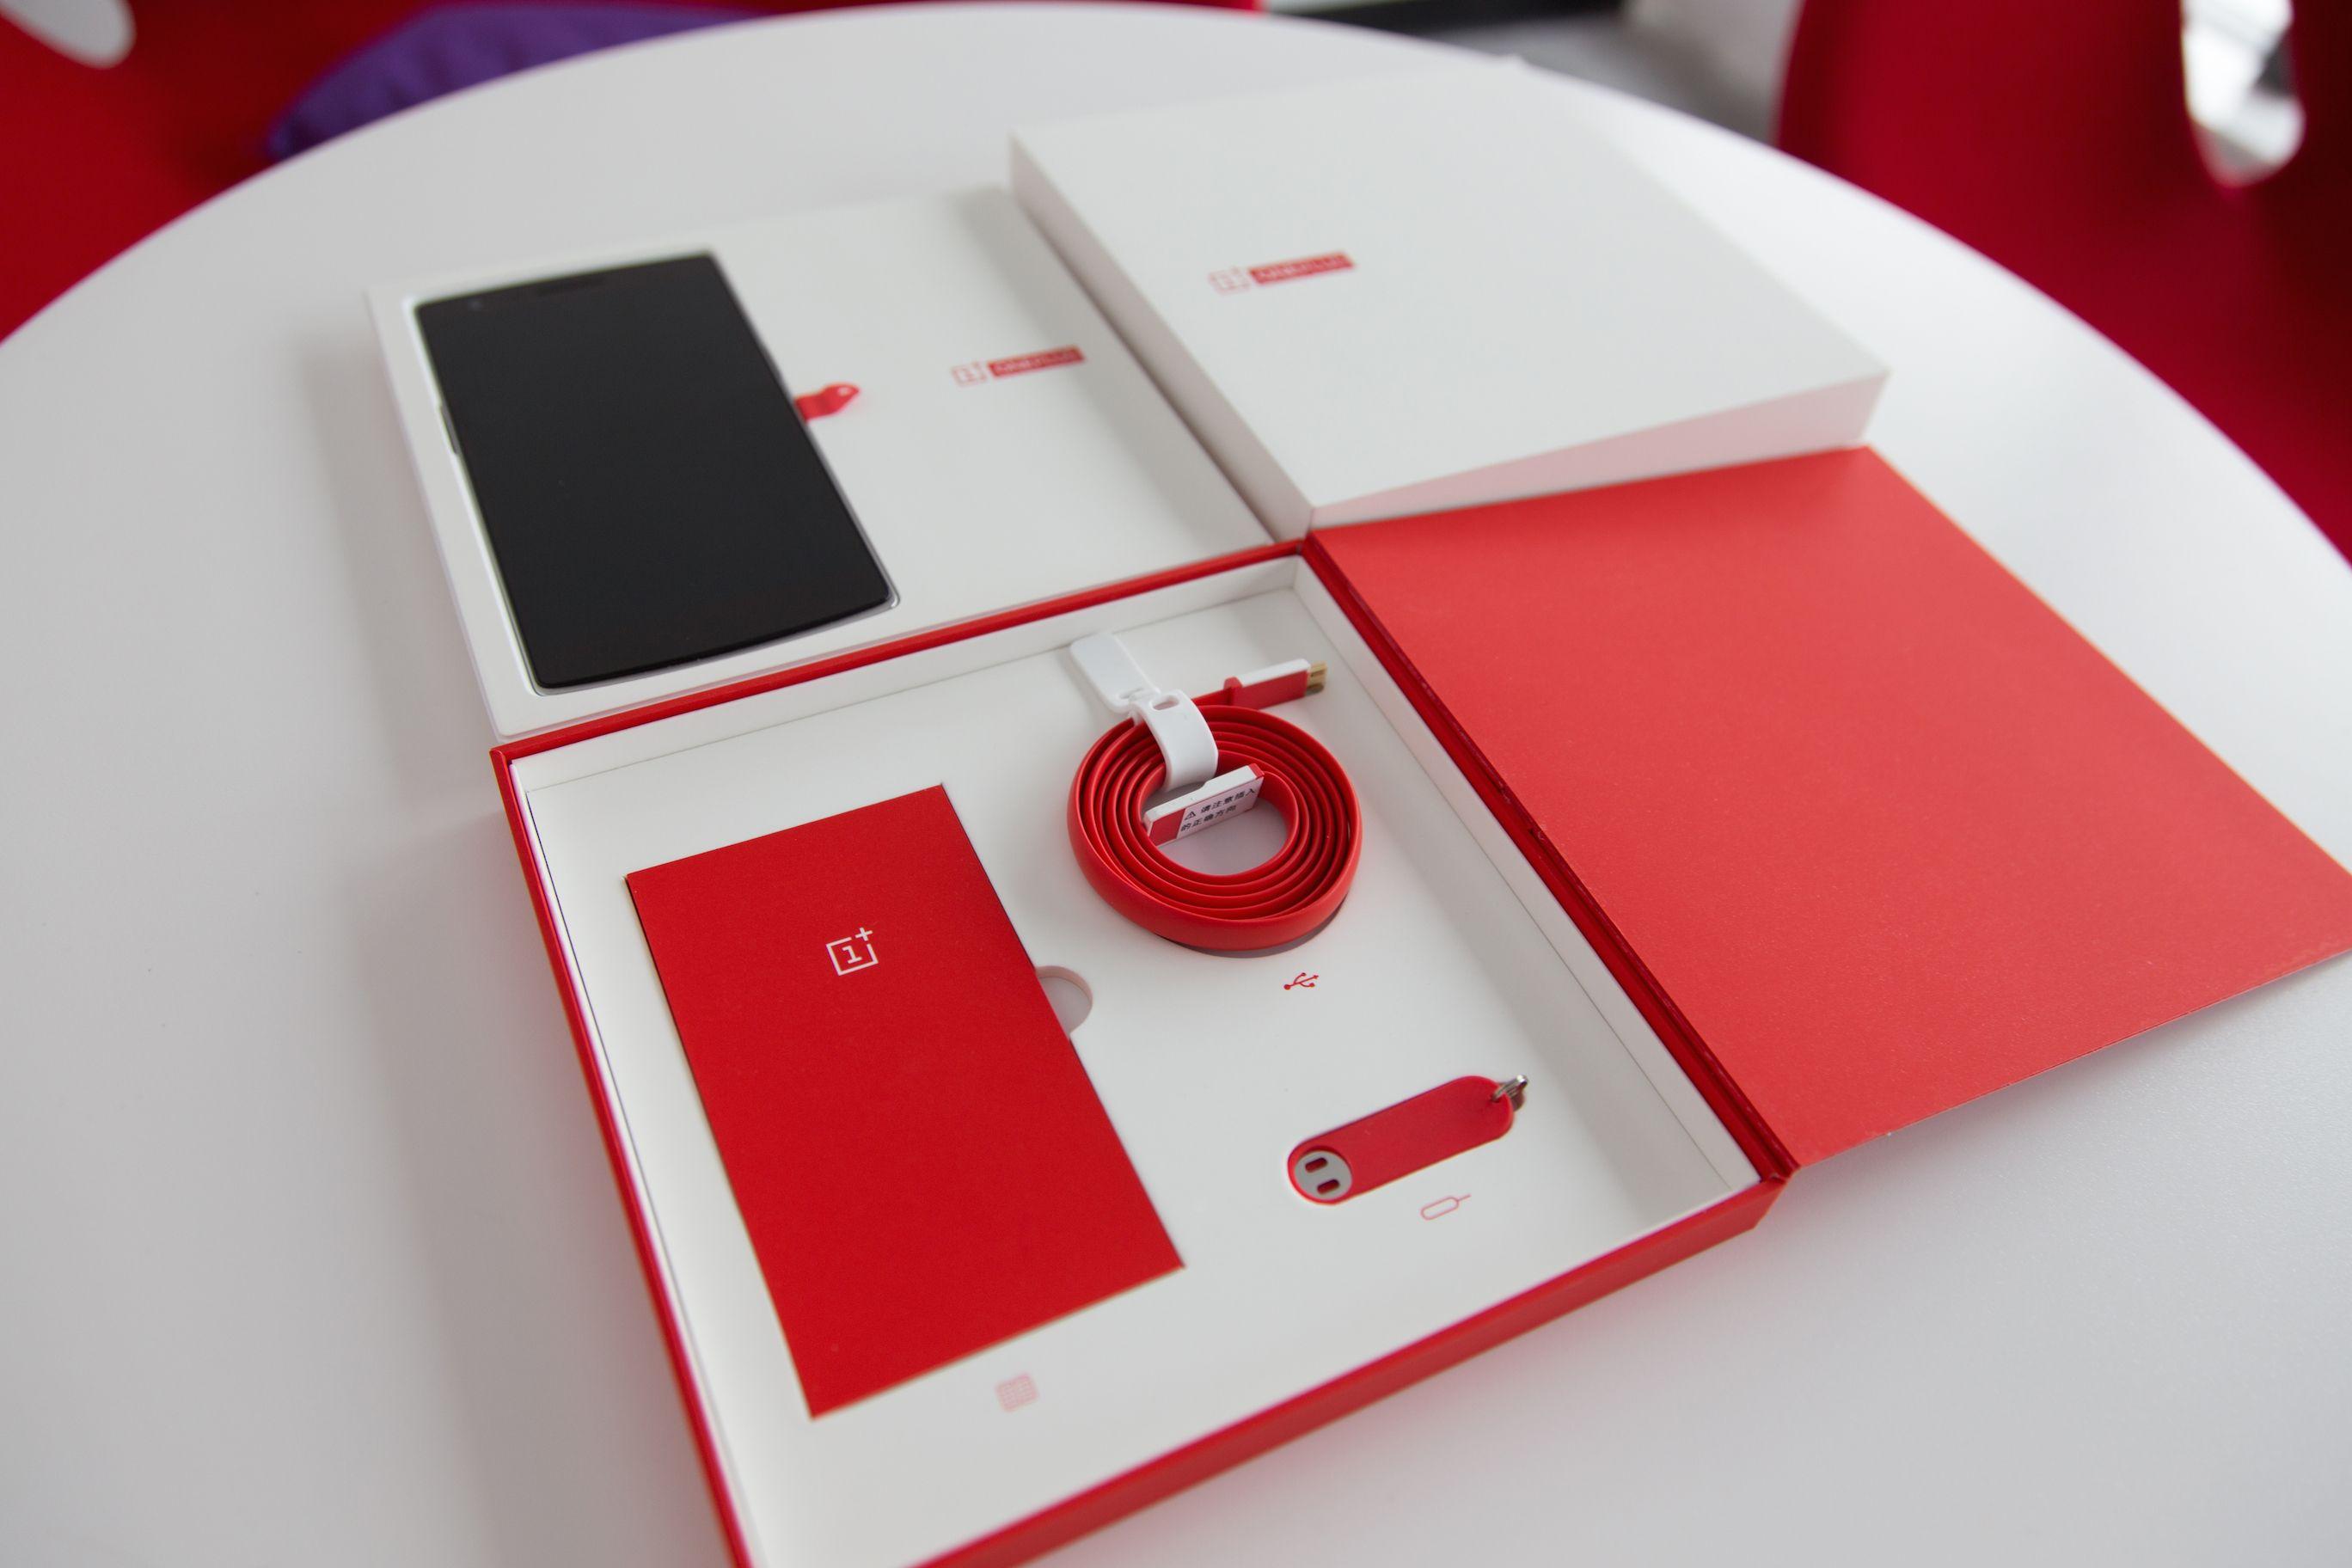 OnePlus One confezione